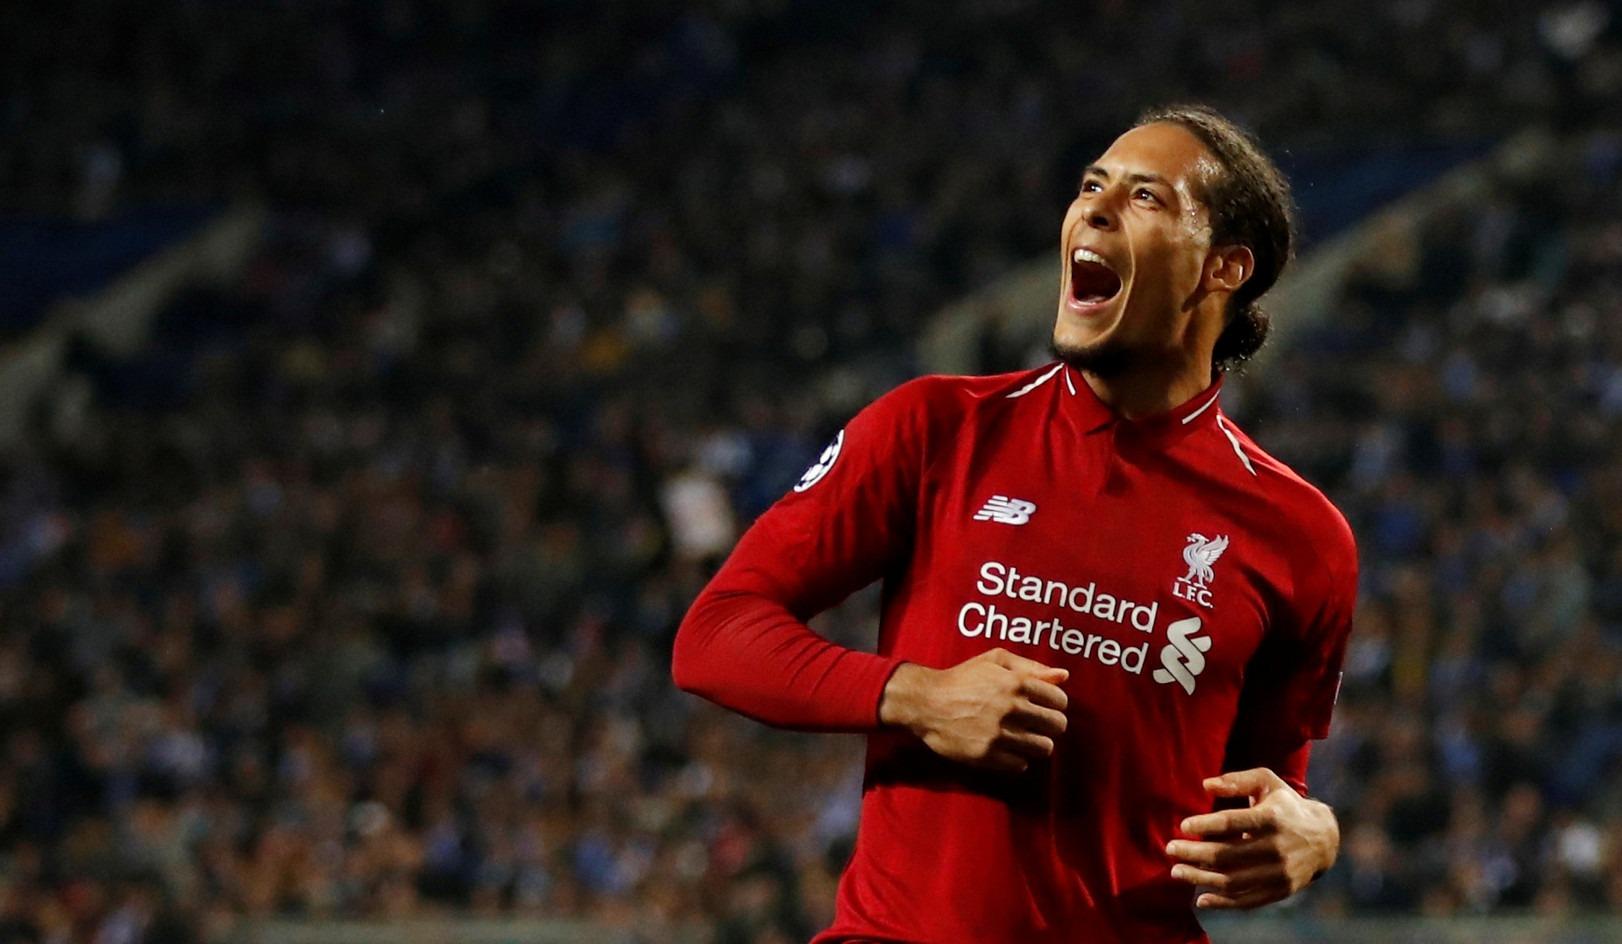 فان دايك.. 15 معلومة عن أحسن لاعب في الدوري الإنجليزي